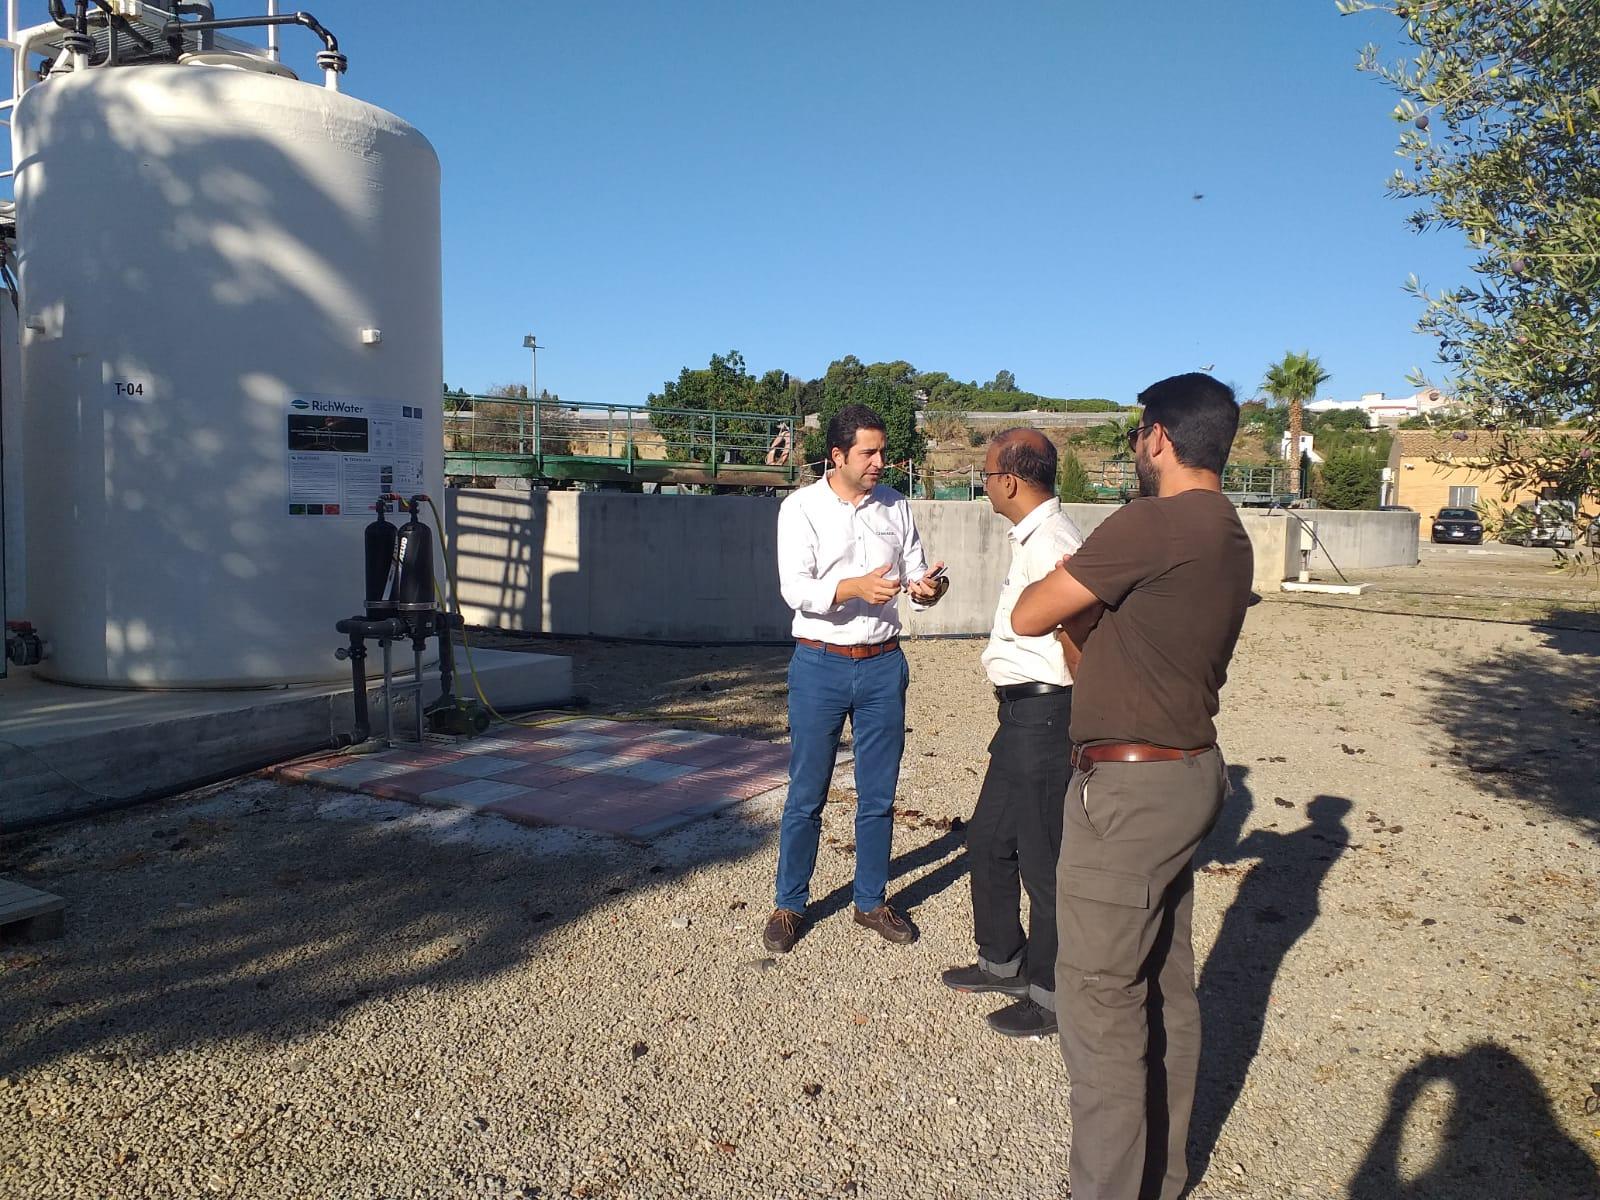 Visita del Prof. Girish a la planta RichWater